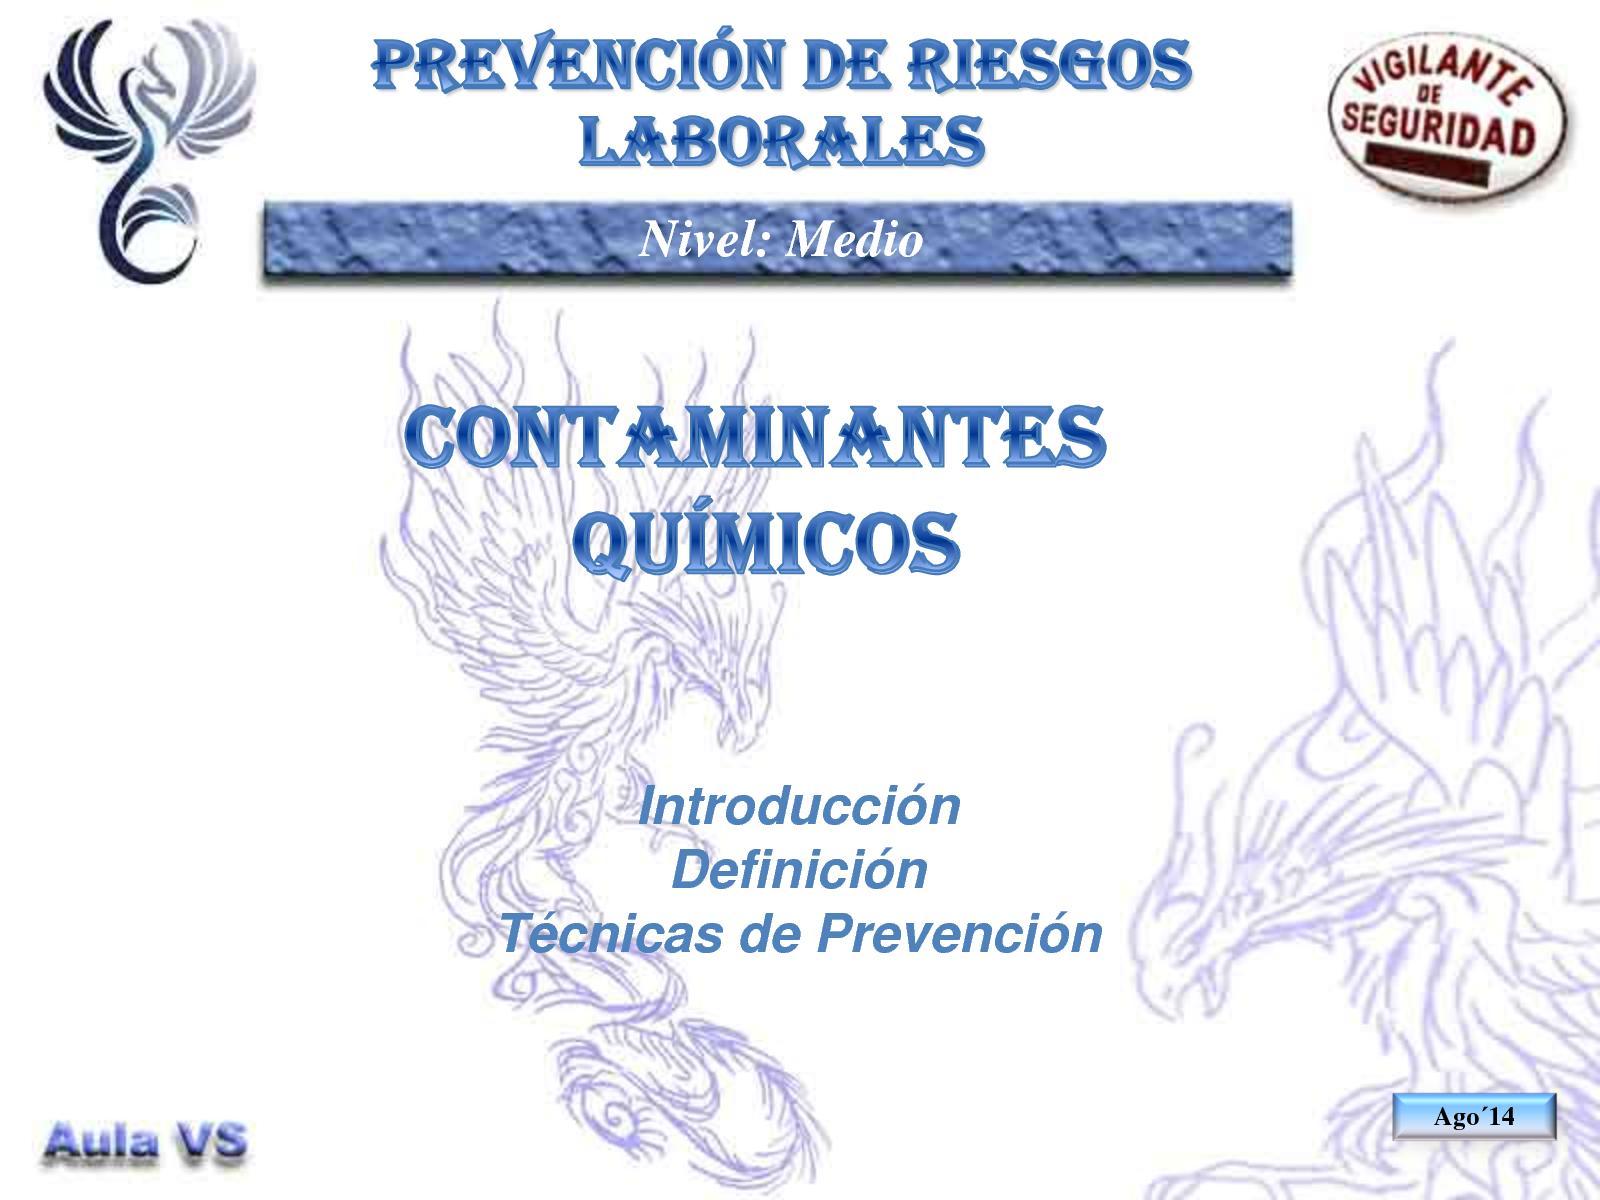 Prl Contaminantes Quimicos